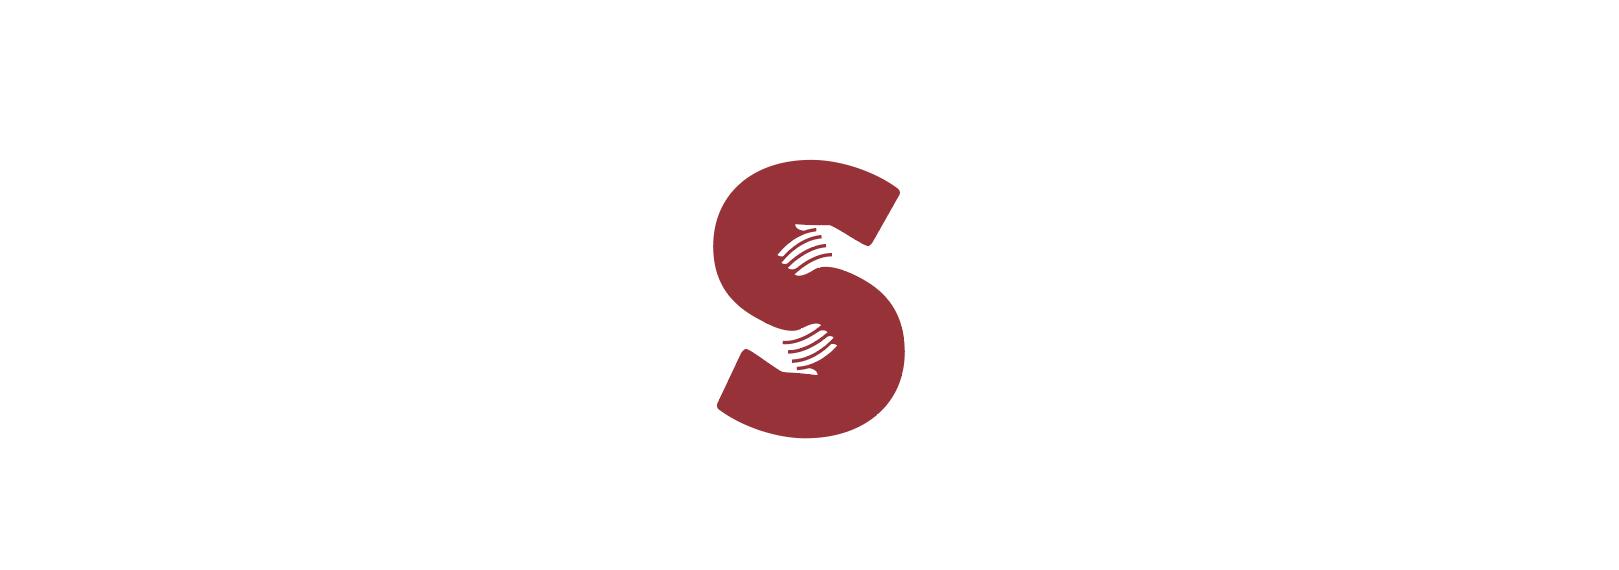 S letter-mark